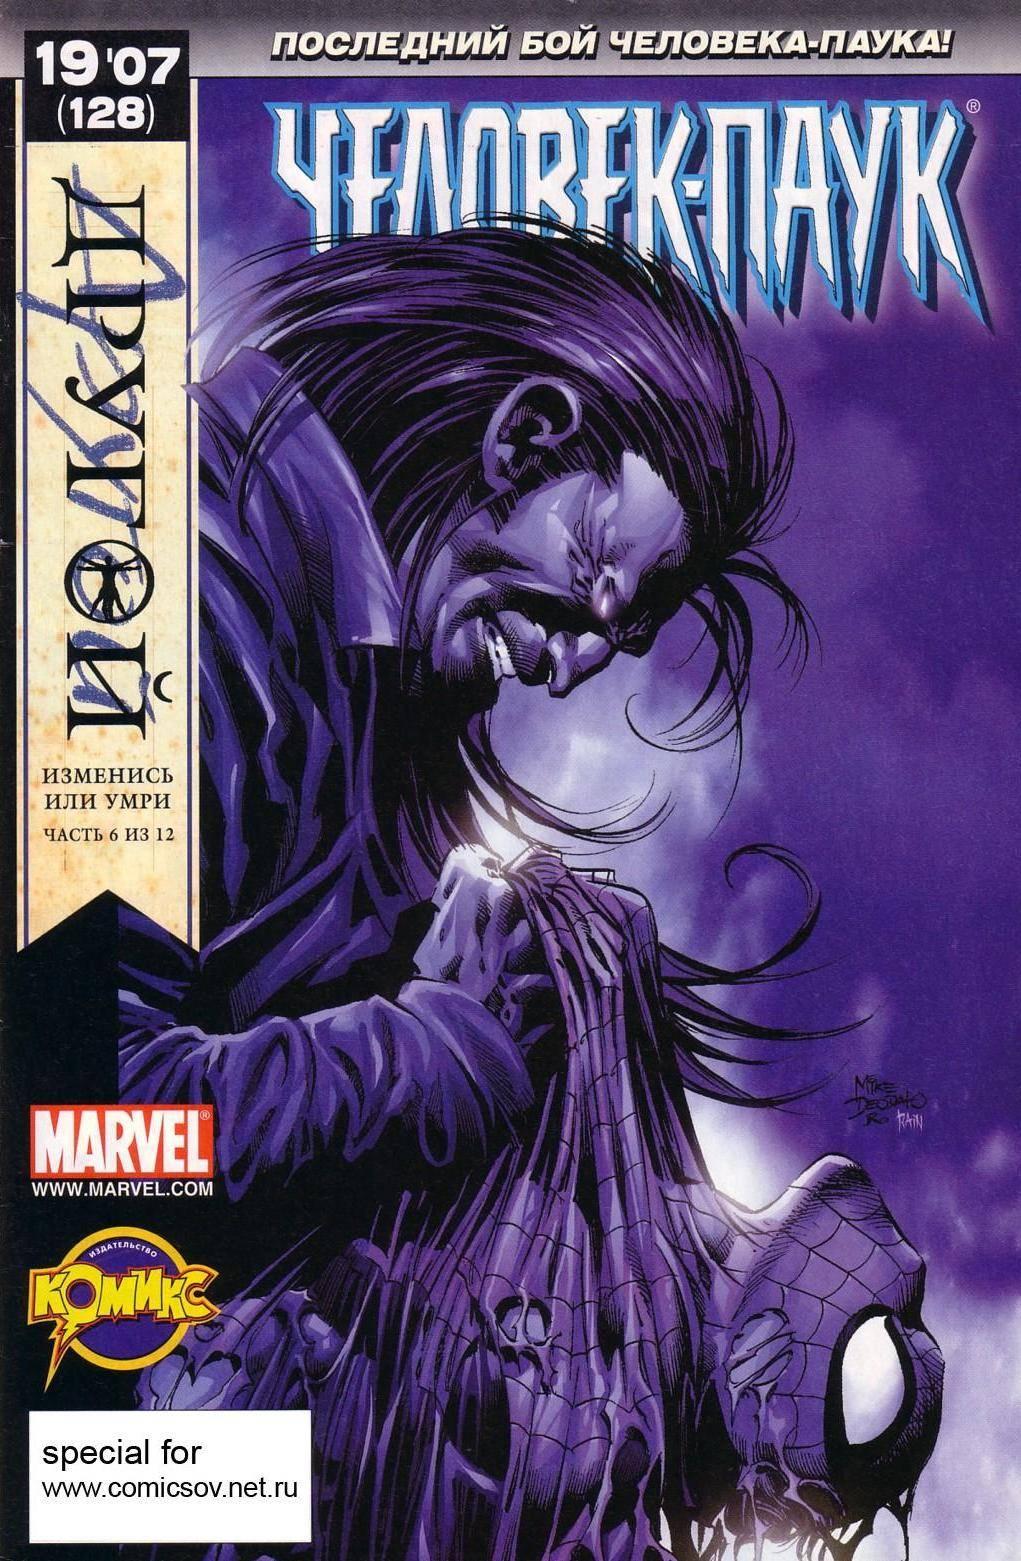 Удивительный Человек-паук №526 онлайн